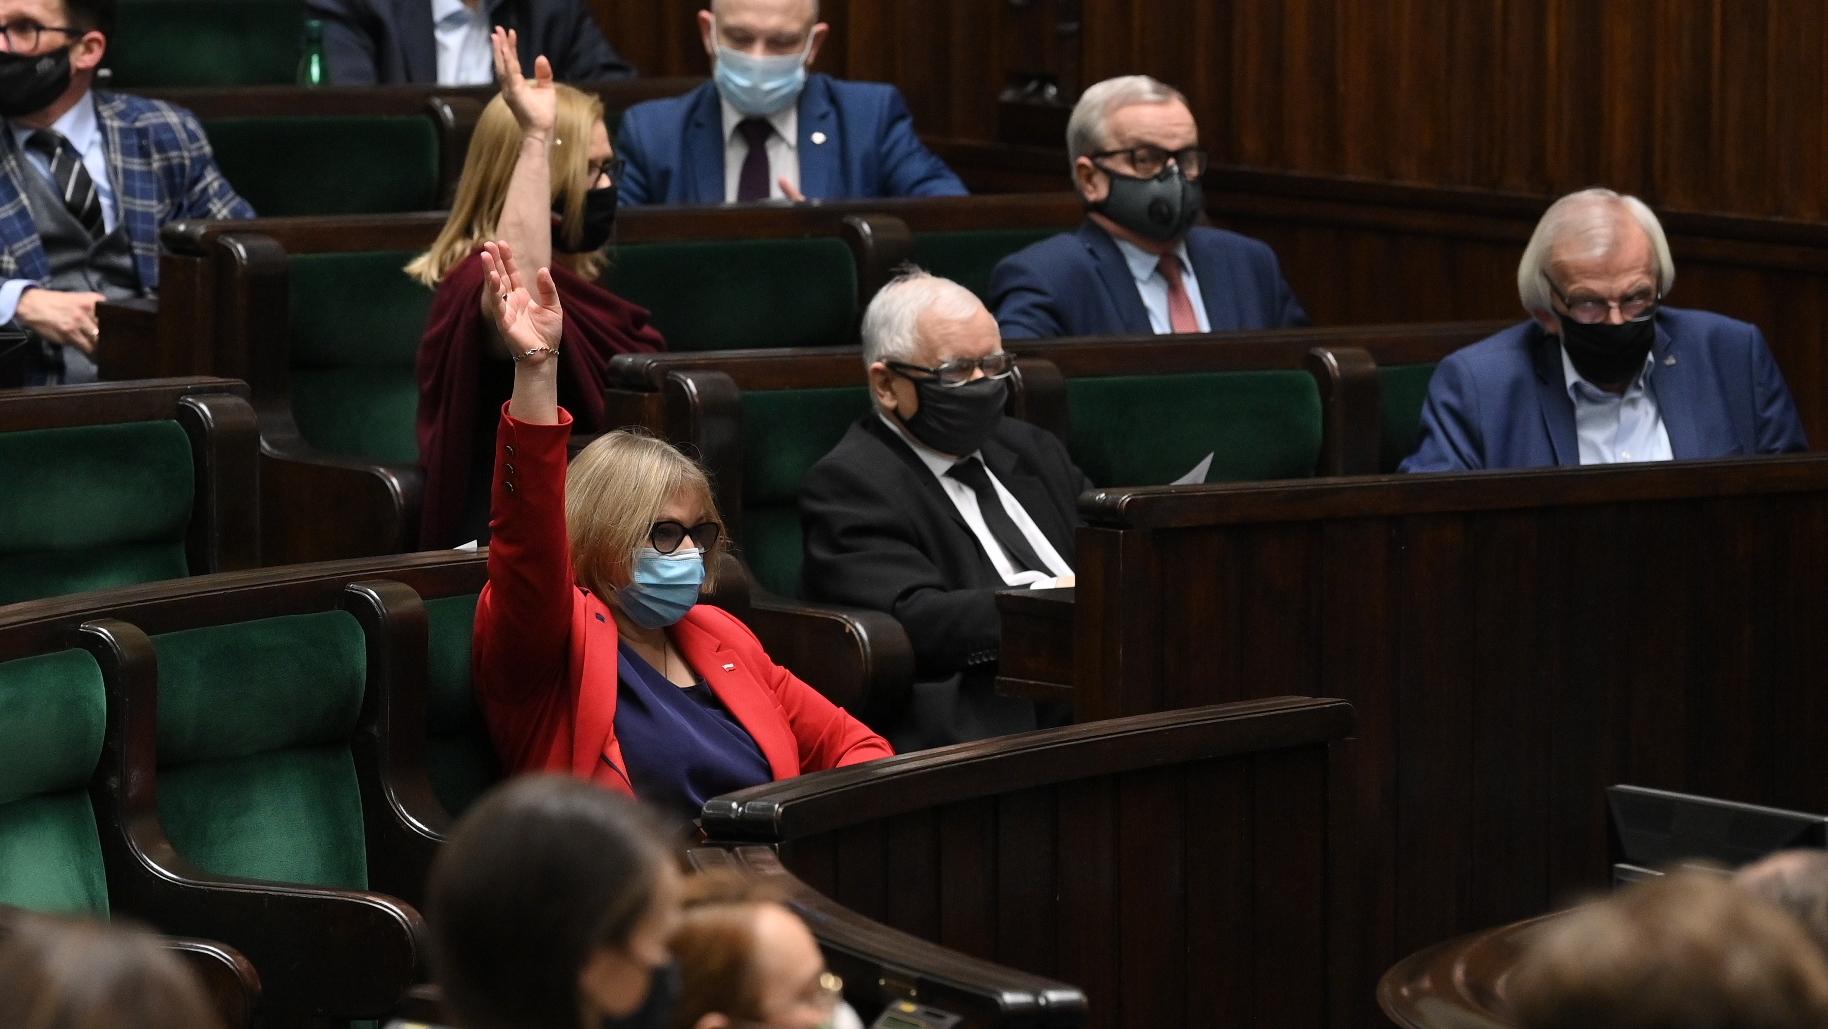 Nieoficjalnie: Obóz PiS zyska dodatkowy głos w Sejmie. Wiemy kto zasili klub